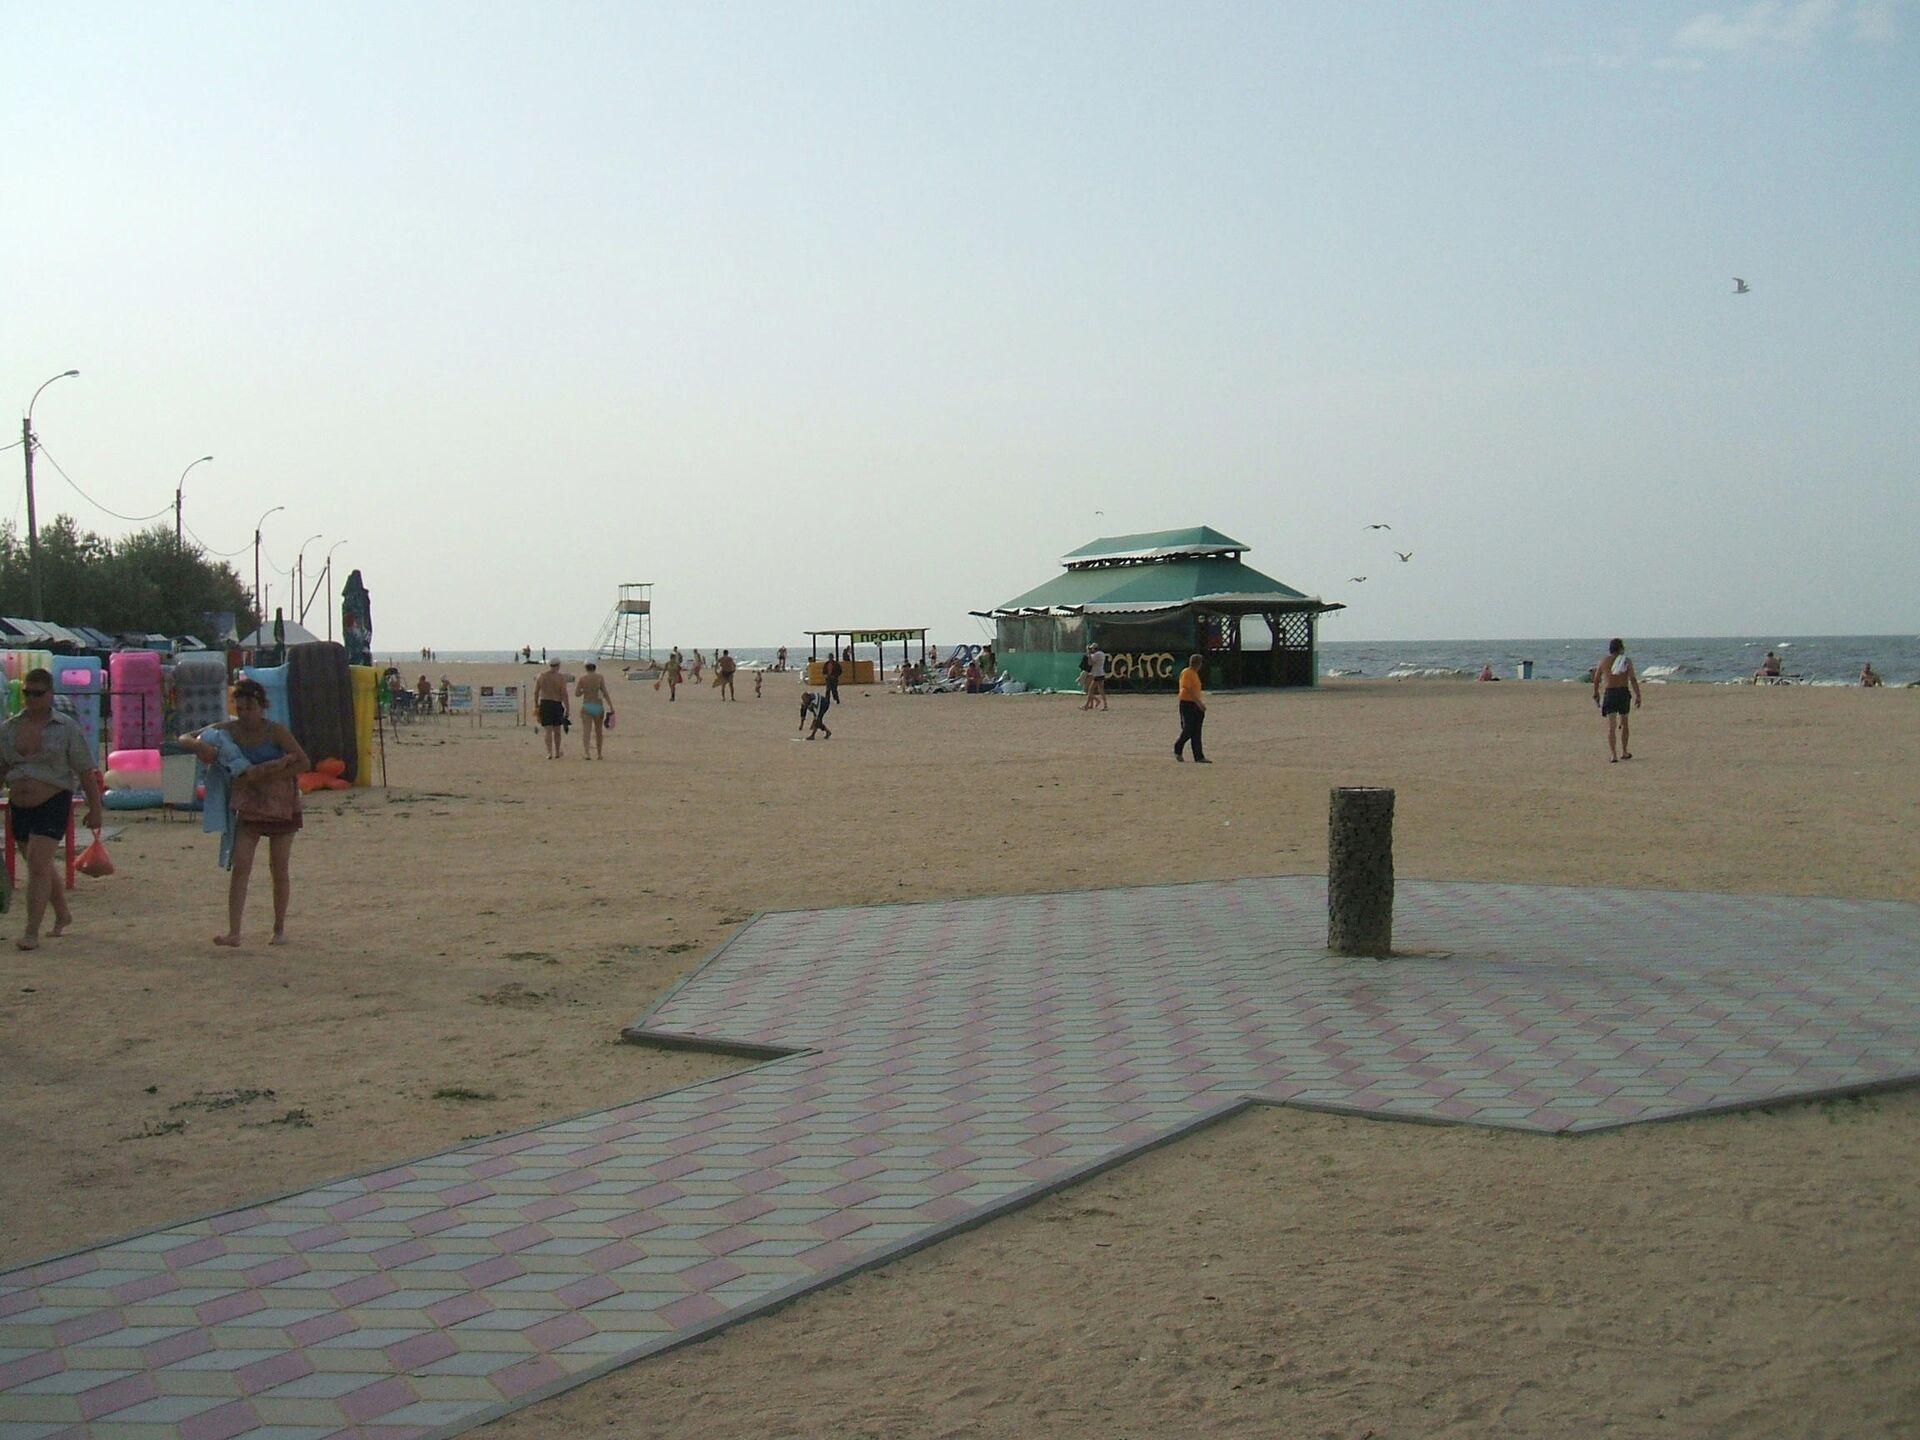 Центральный пляж Морской бриз в курортной станице Голубицкой - РИА Новости, 1920, 15.07.2021